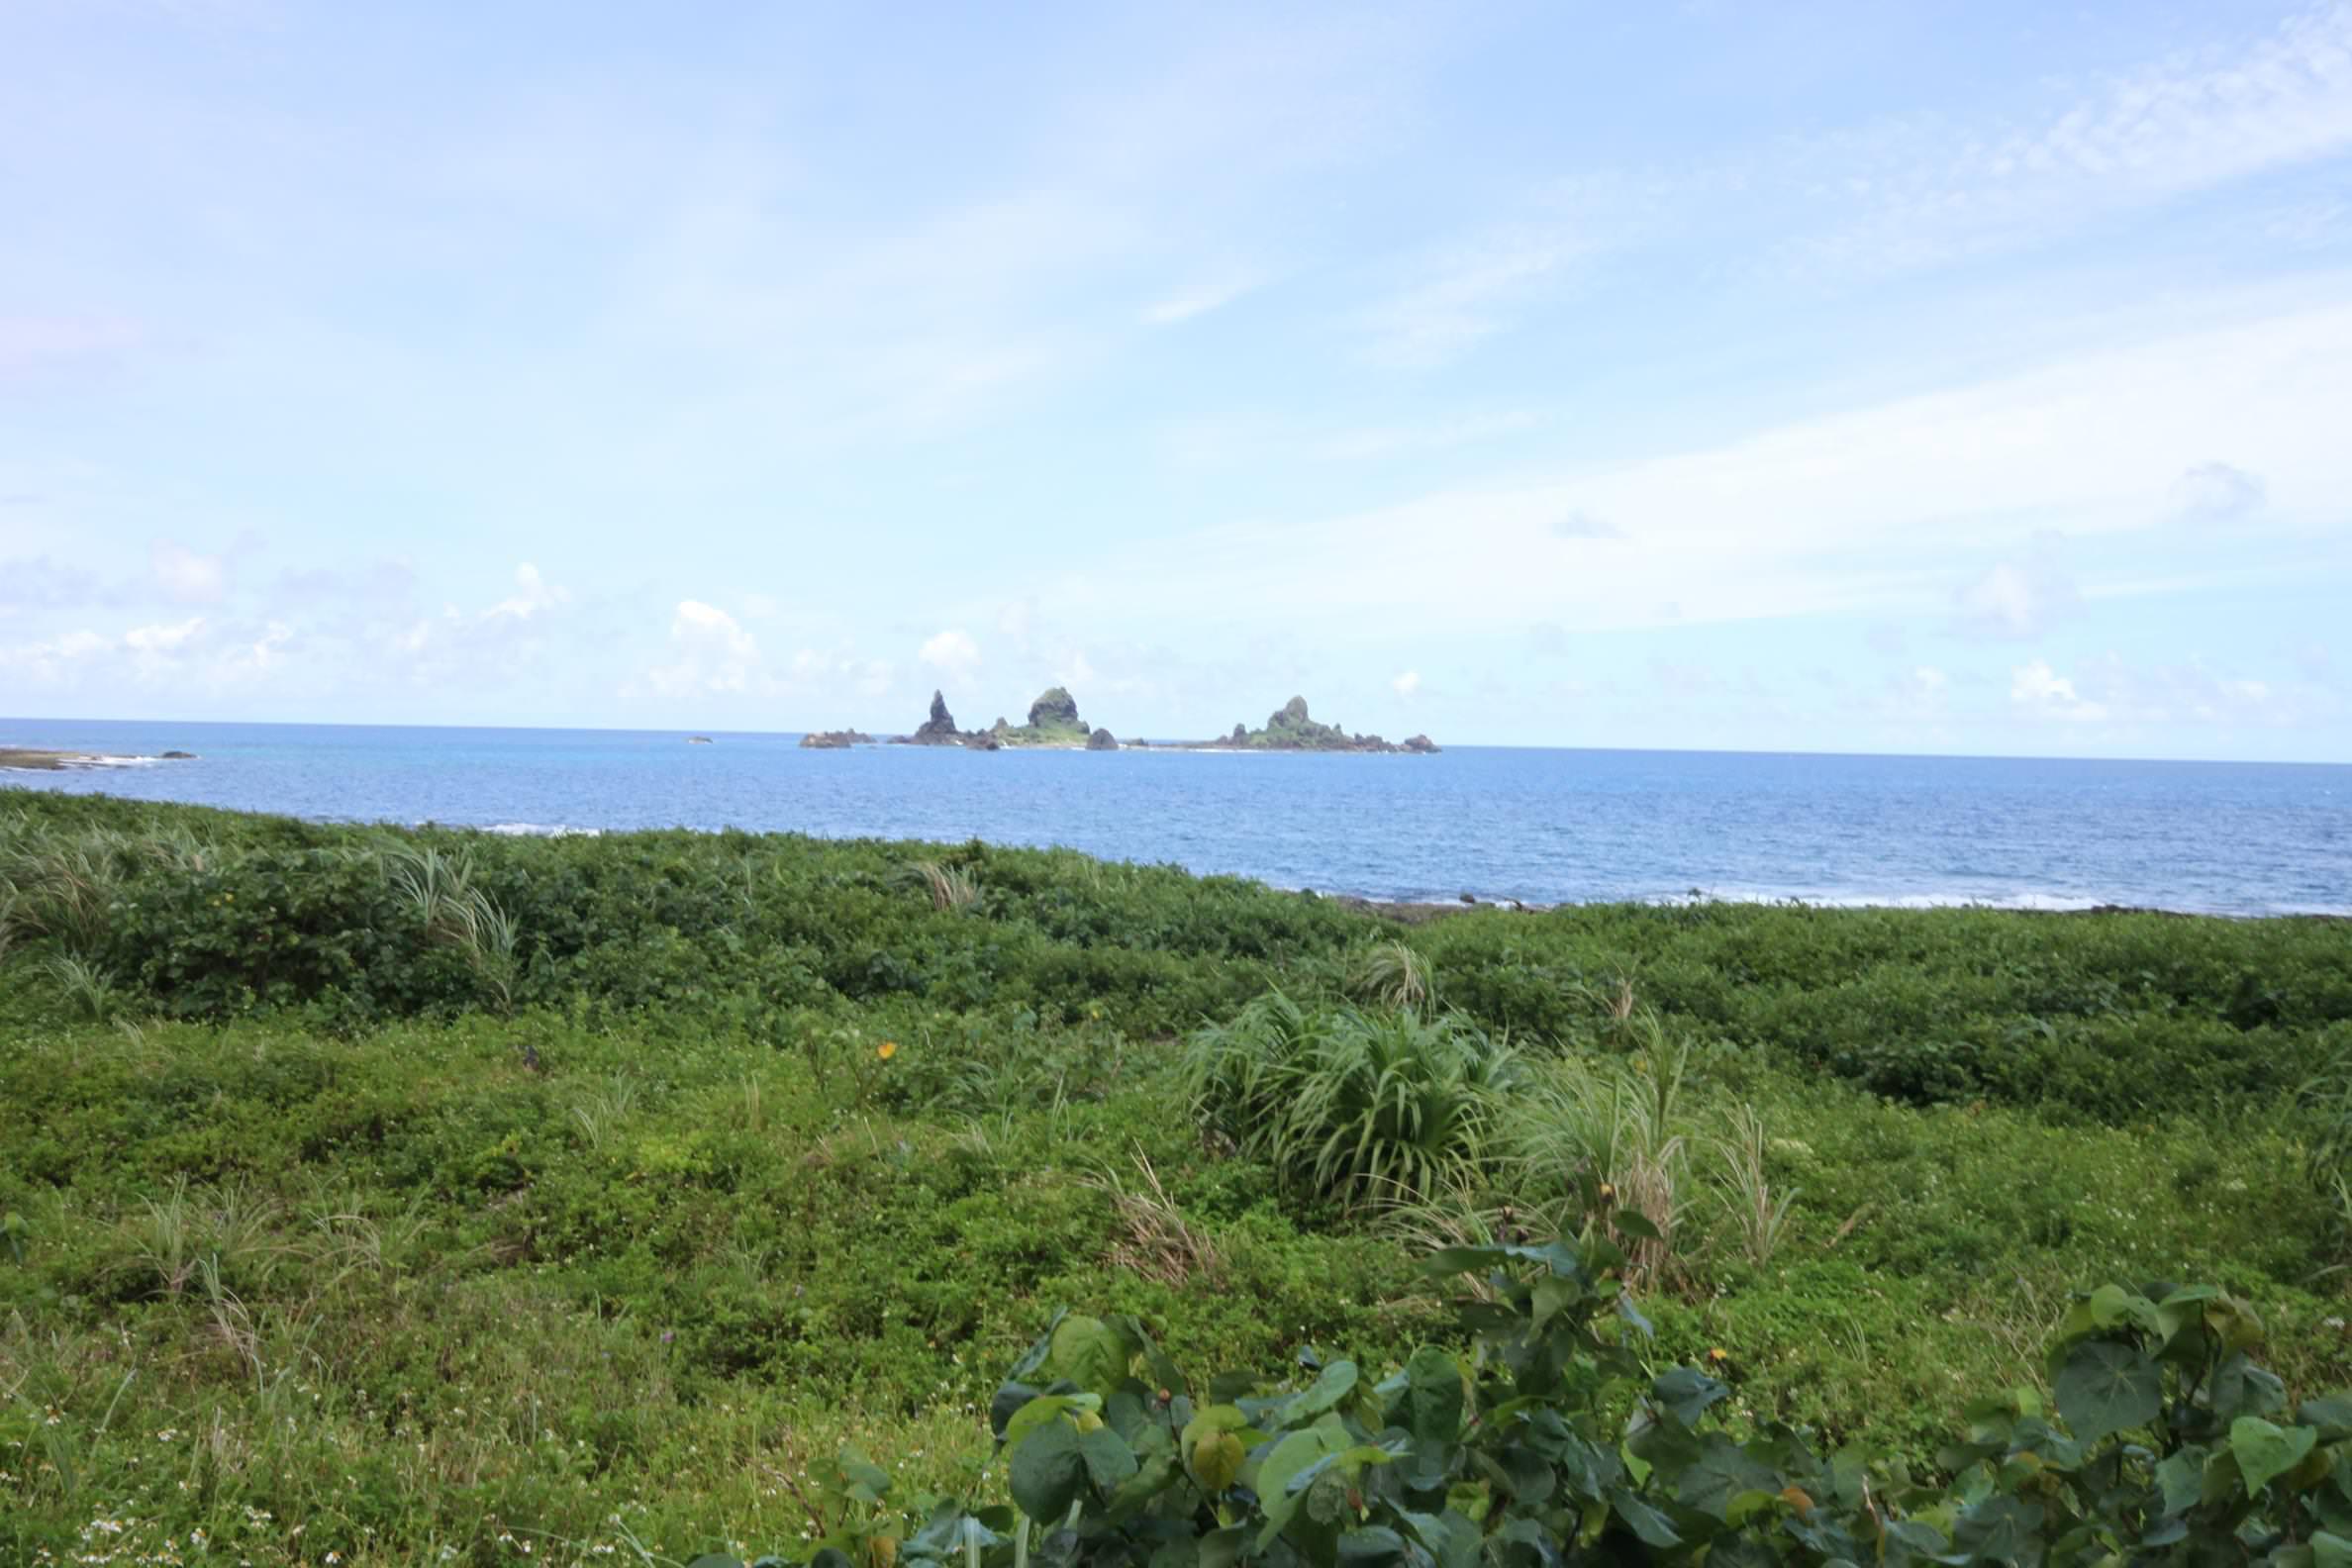 軍艦岩,蘭嶼旅遊,蘭嶼潛水,蘭嶼自由行,蘭嶼景點,飛魚祭,拼板舟